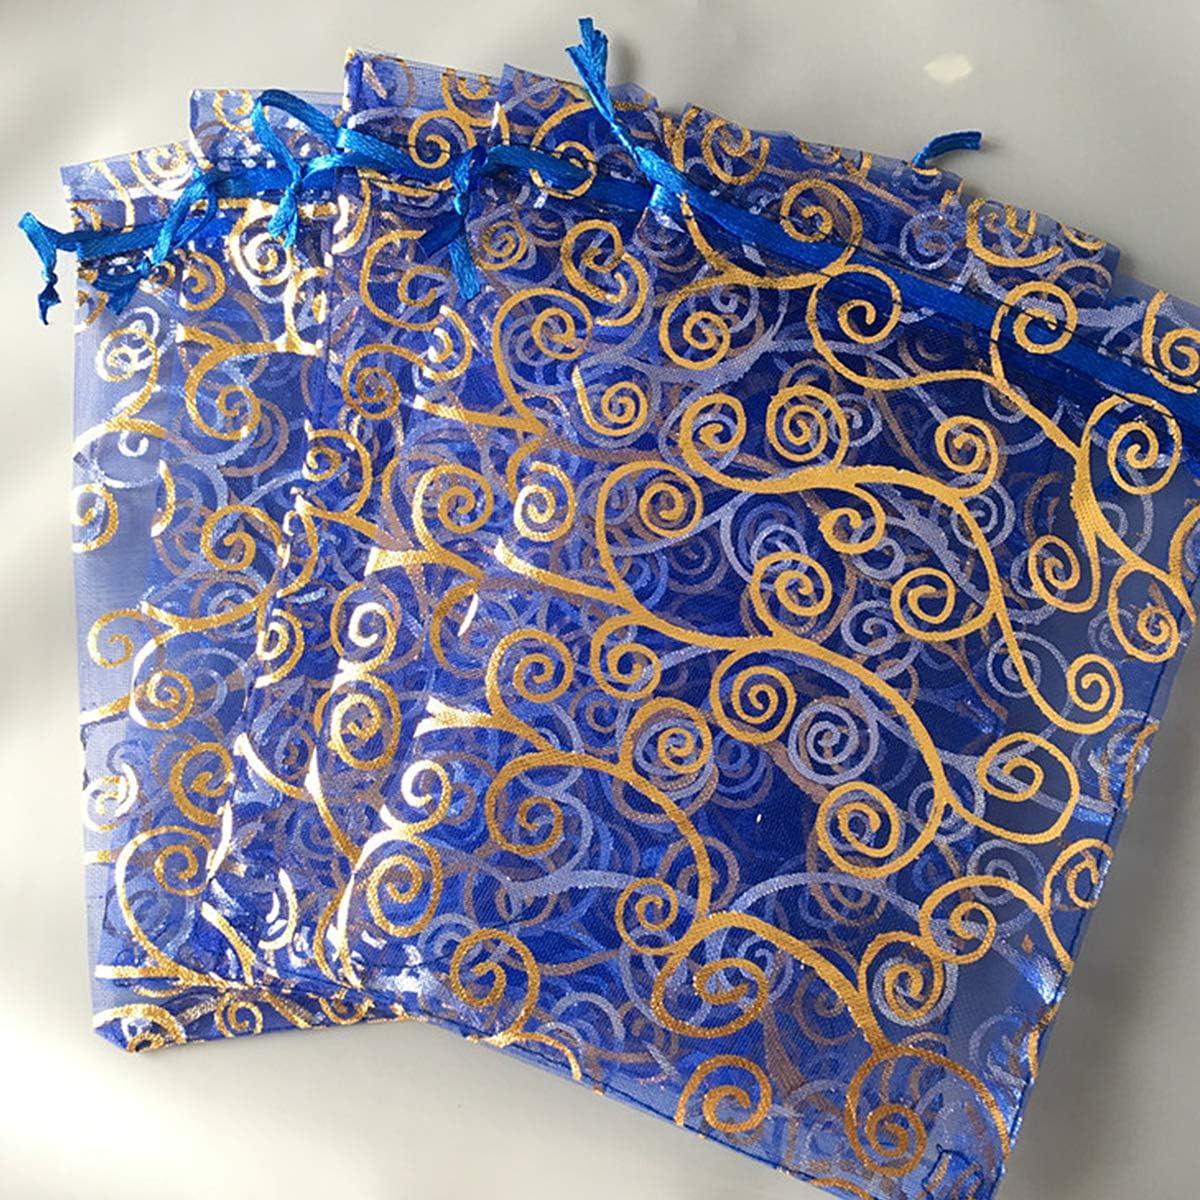 Multicolori Organza Bags Saccgetti Portaconfetti Borse Gioielli Sacchetto di Caramelle Bianca PLECUPE 100 Pezzi 7x9cm Sacchetti Organza Sacchetti Regalo